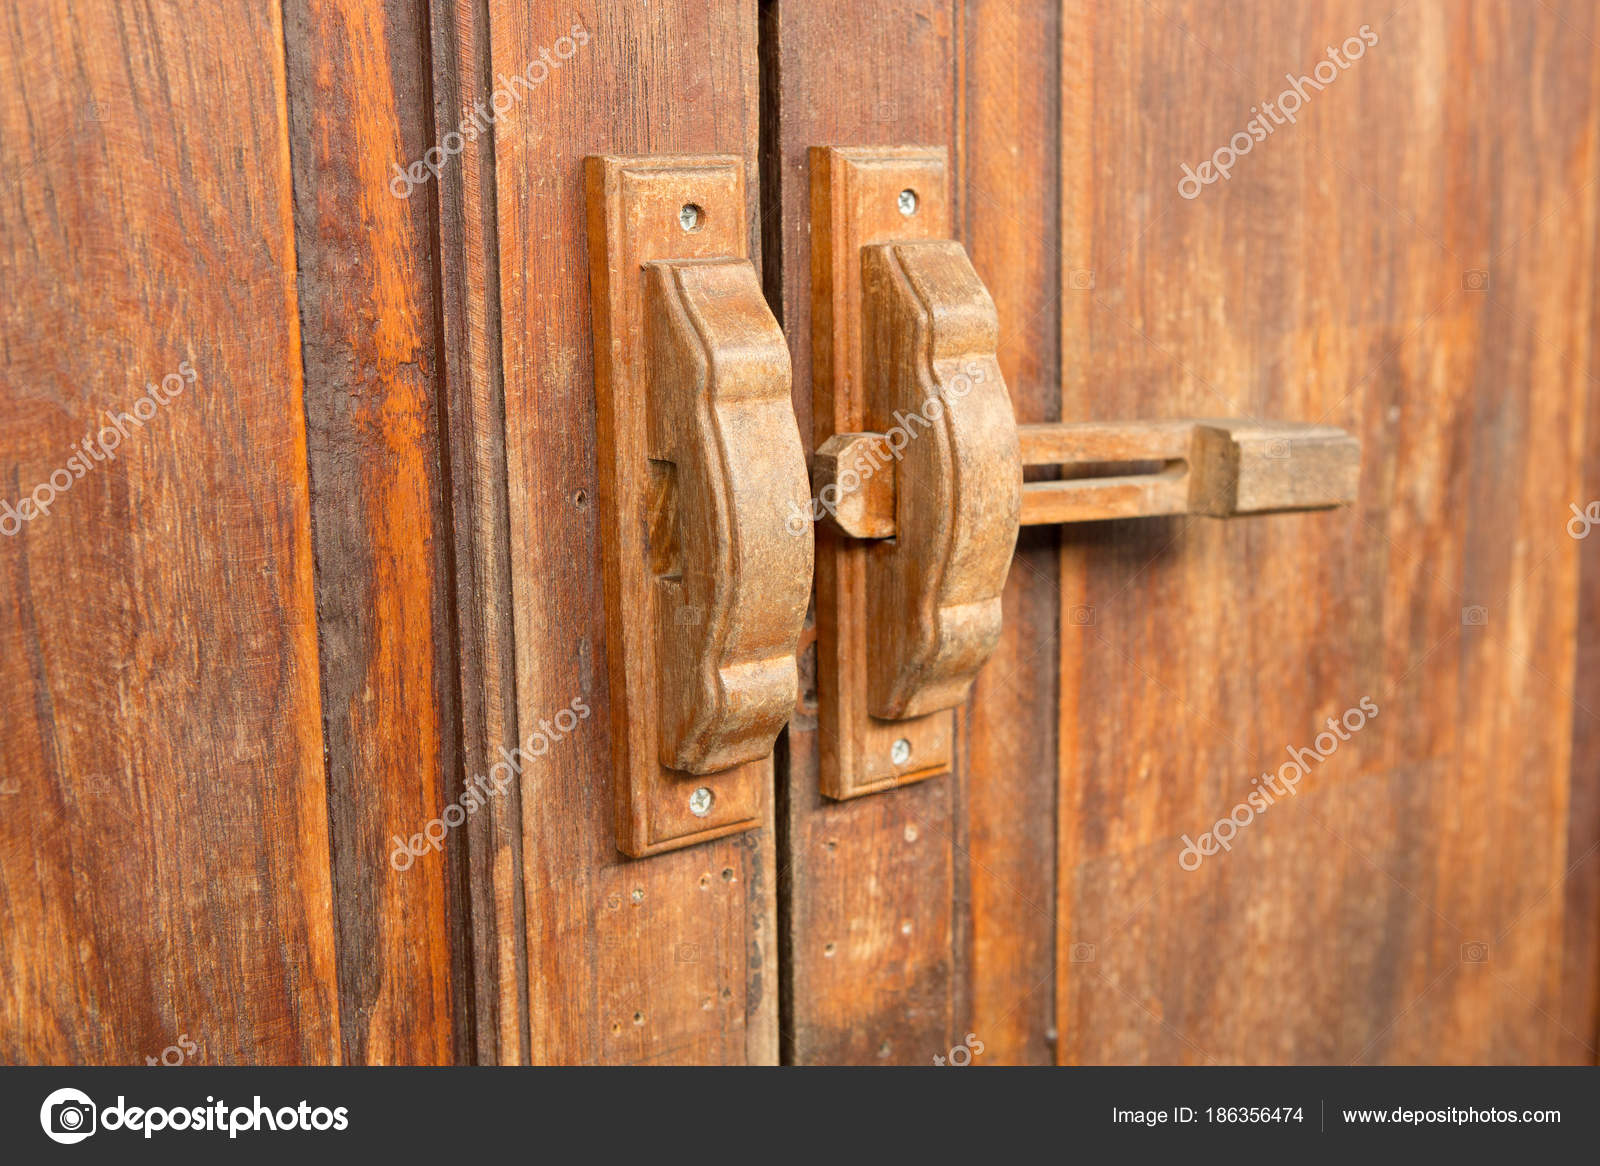 Asi ticas viejas cerraduras de puerta de madera y cierre de madera fotos de stock bill45 - Cerradura de puerta de madera ...